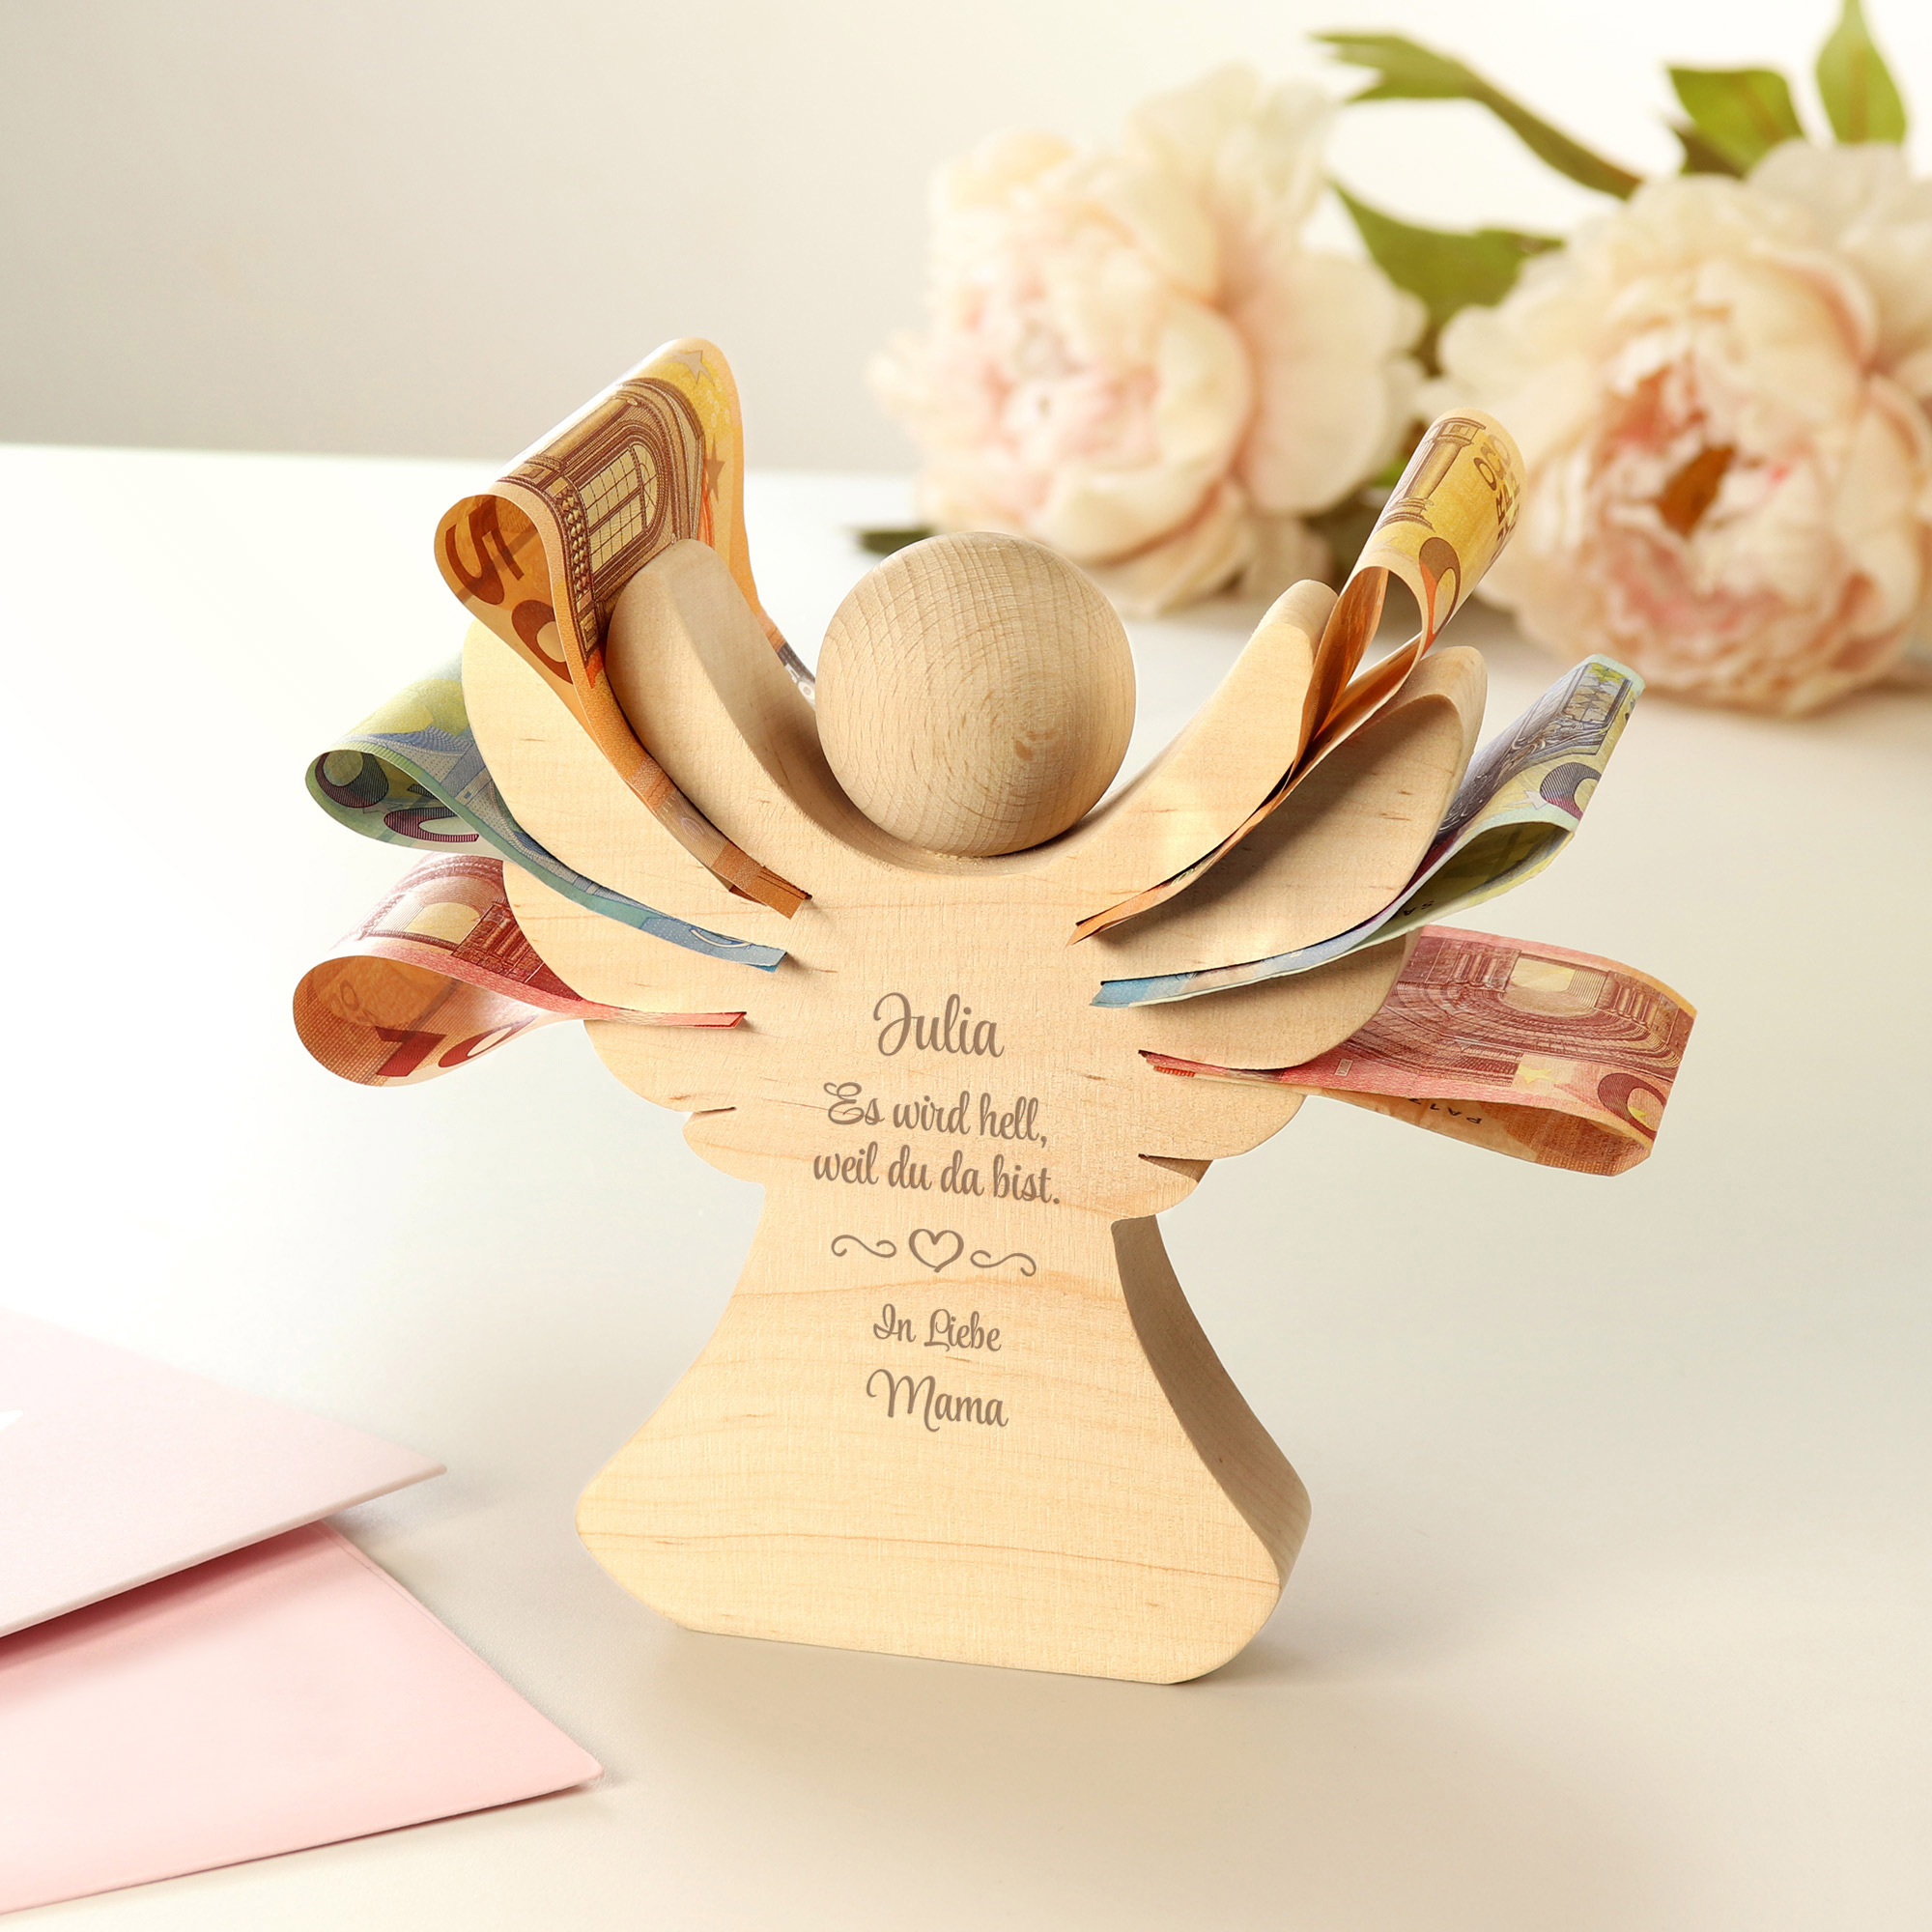 Engel aus Holz mit Gravur zur Geburt - Personalisiert